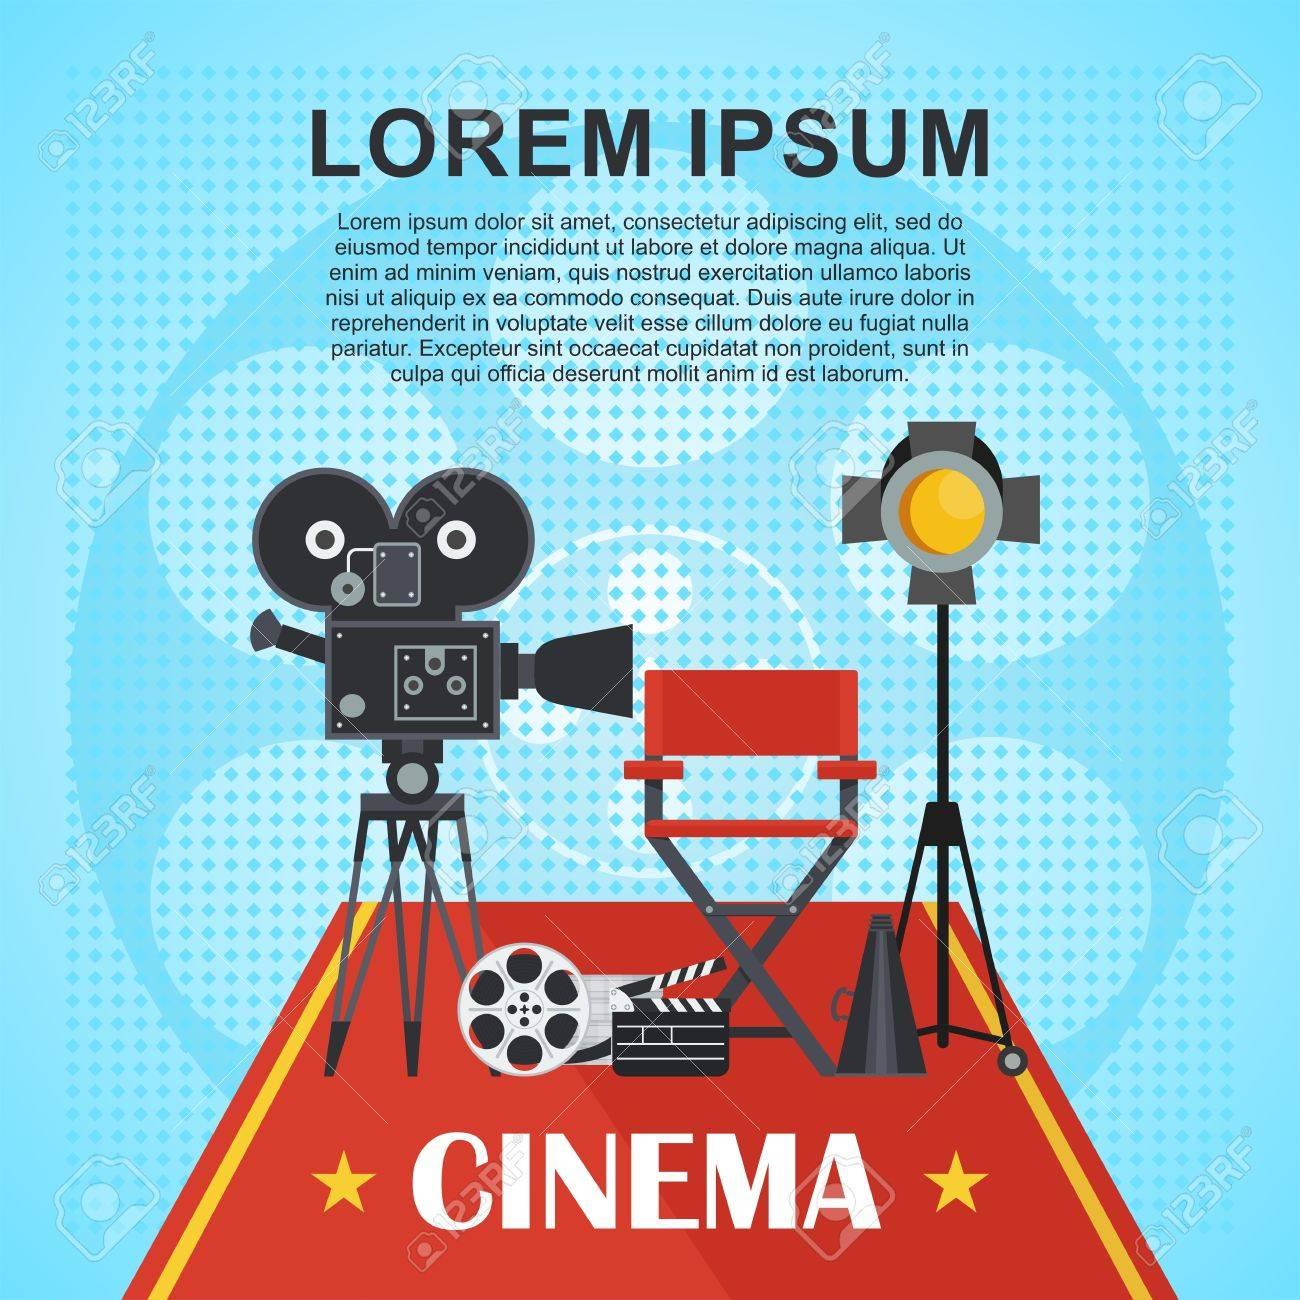 Regisseur Stuhl Und Suchscheinwerfer, Film, Klöppel. Vorlage ...